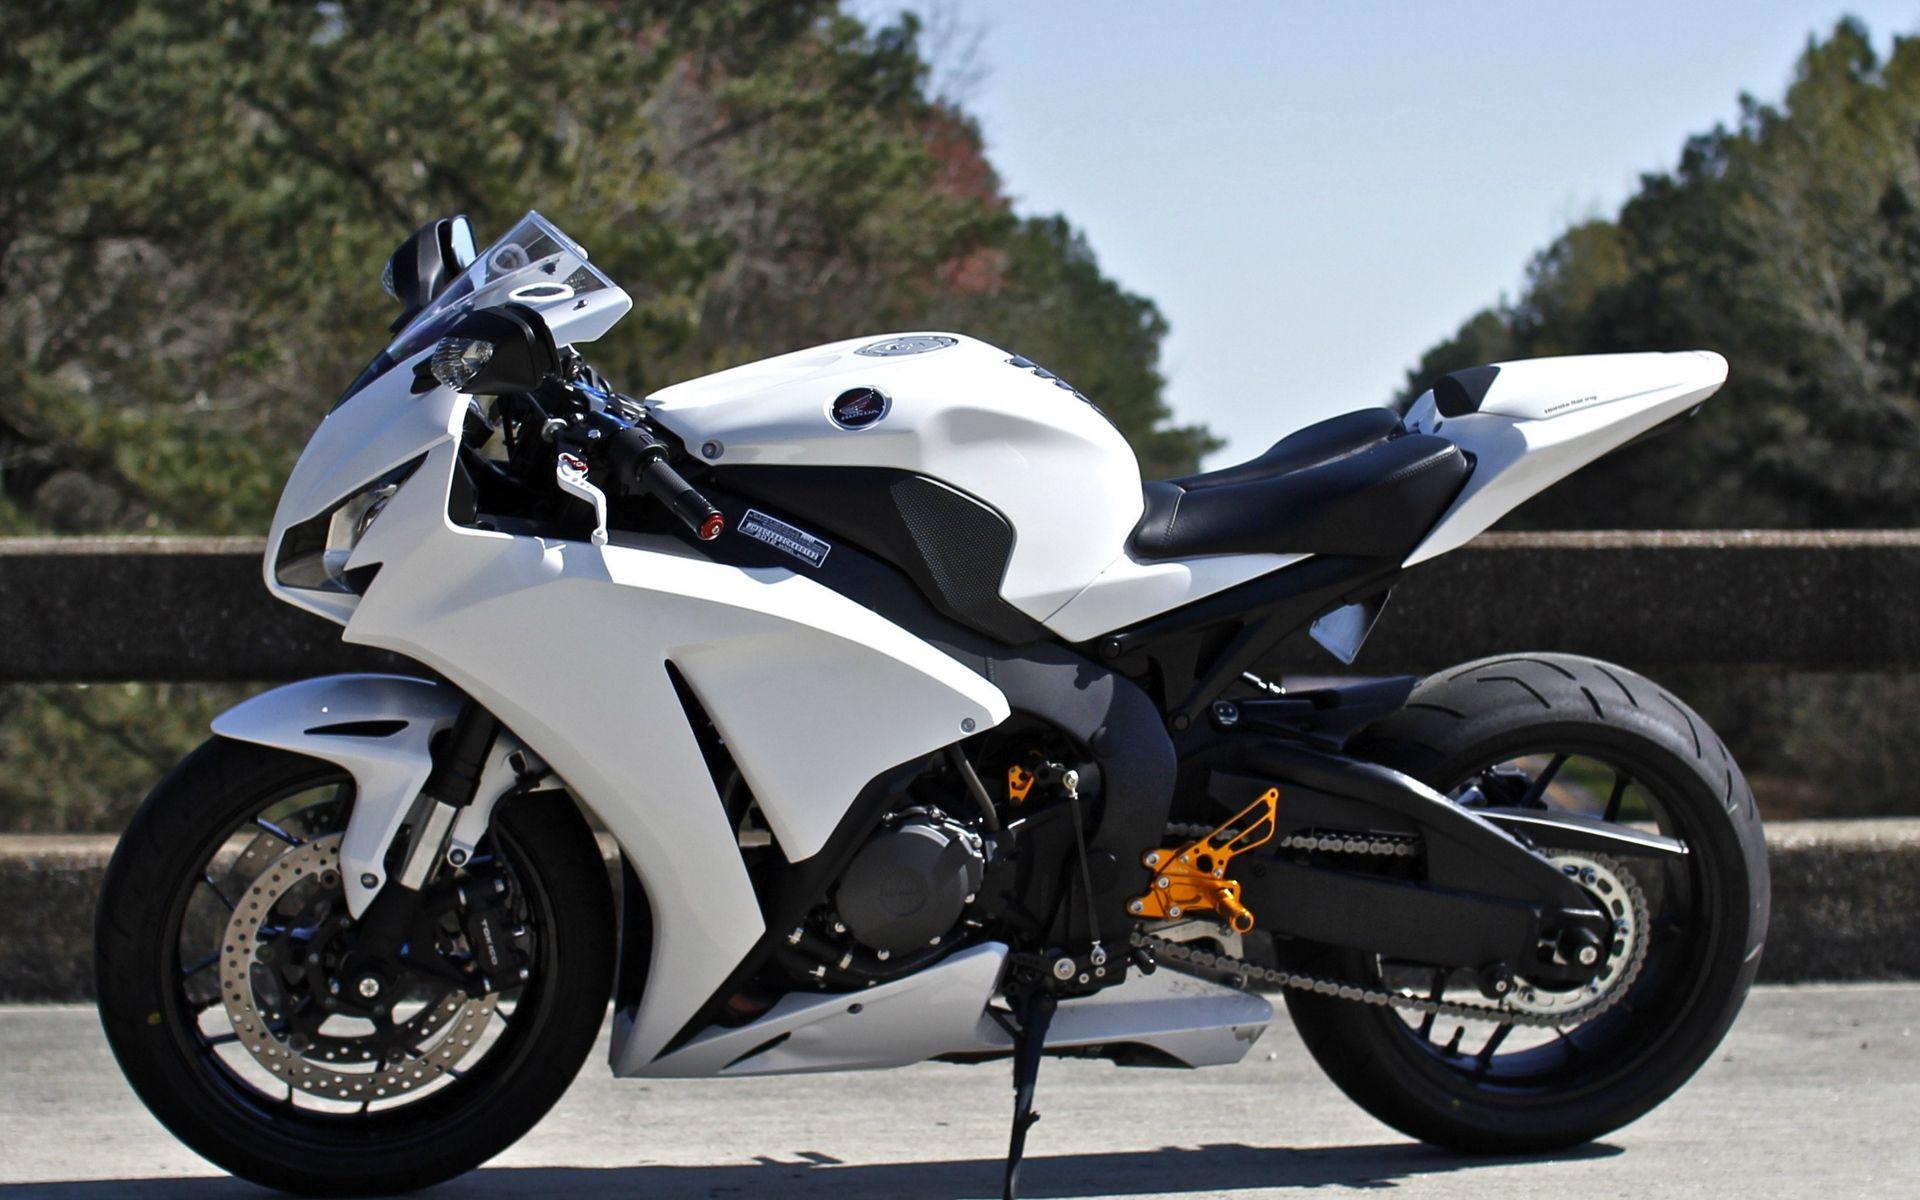 Honda Cbr1000rr Hd Wallpaper Honda Cbr 1000rr Honda Motorcycles